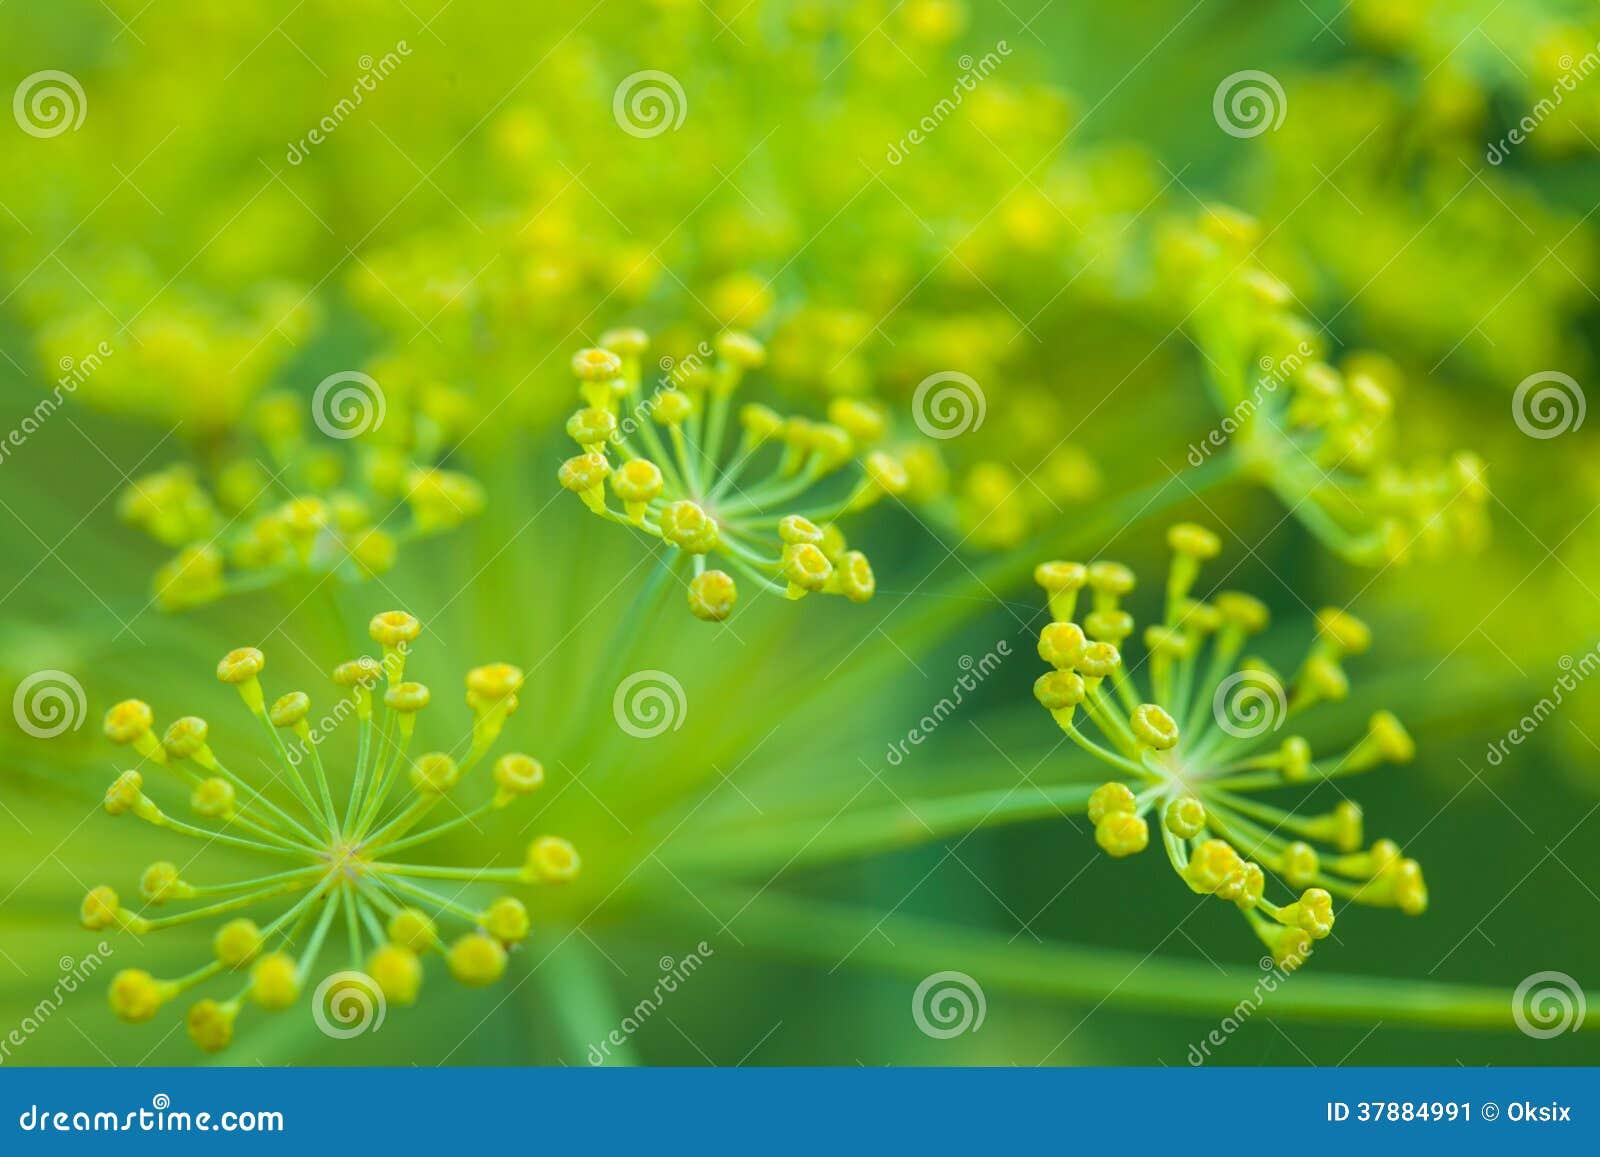 Dillebloemen